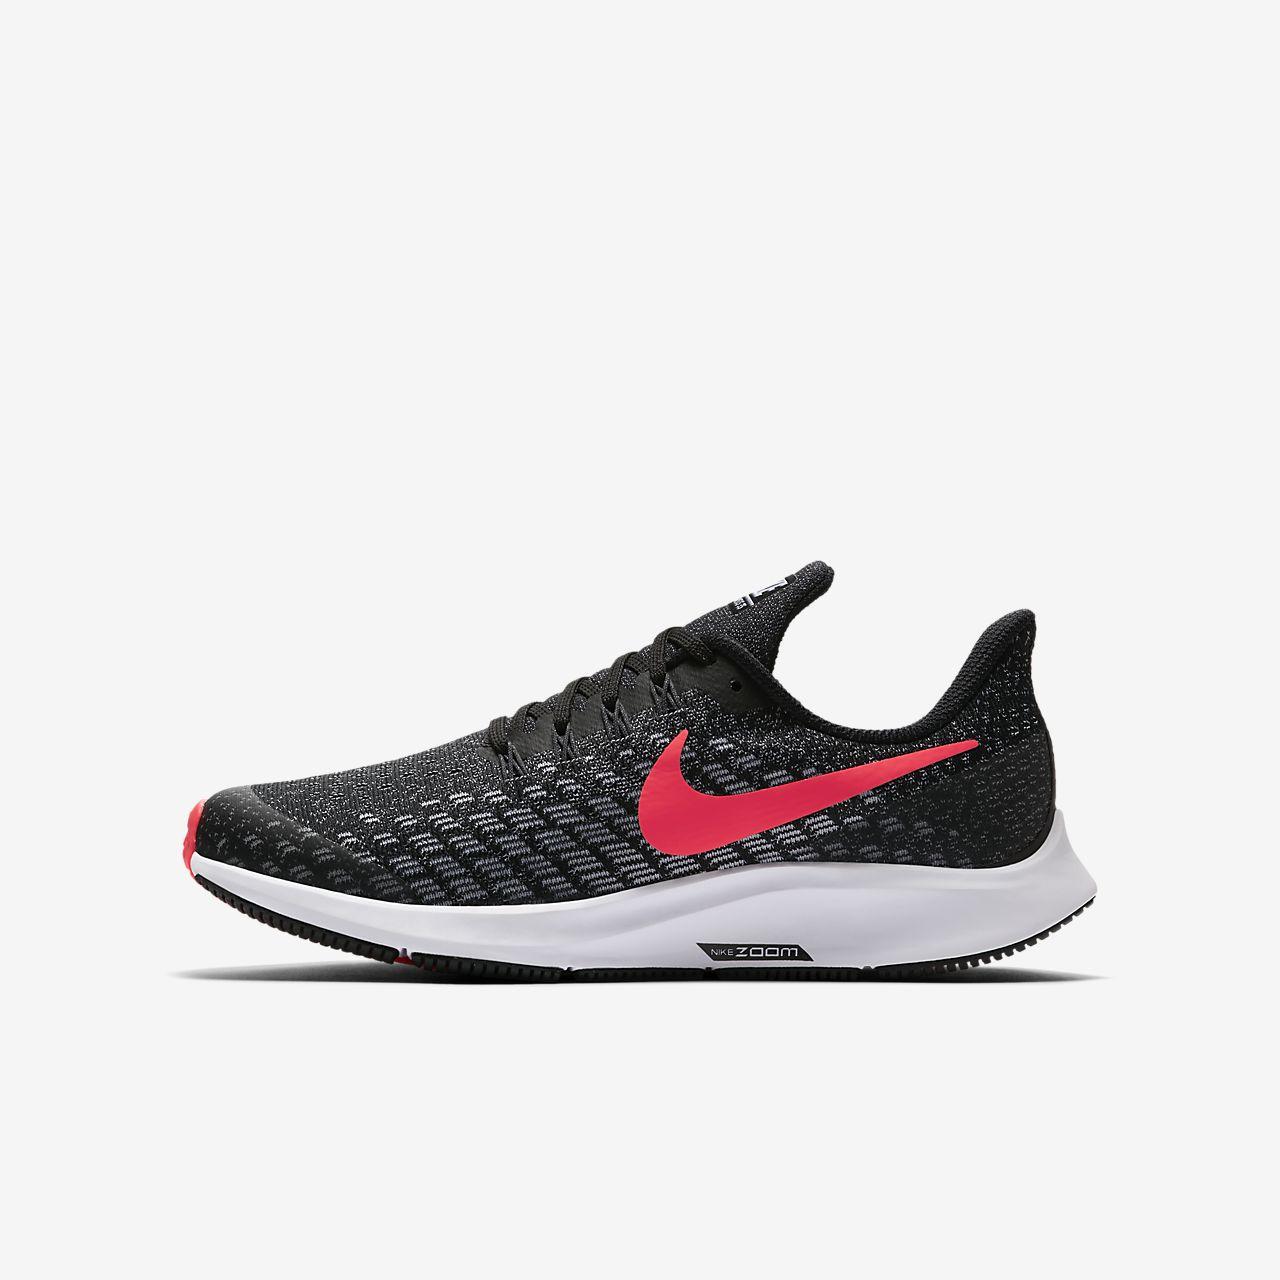 online store d04e2 8ecbb Chaussure de running Nike Air Zoom Pegasus 35 pour Jeune enfantEnfant plus  âgé